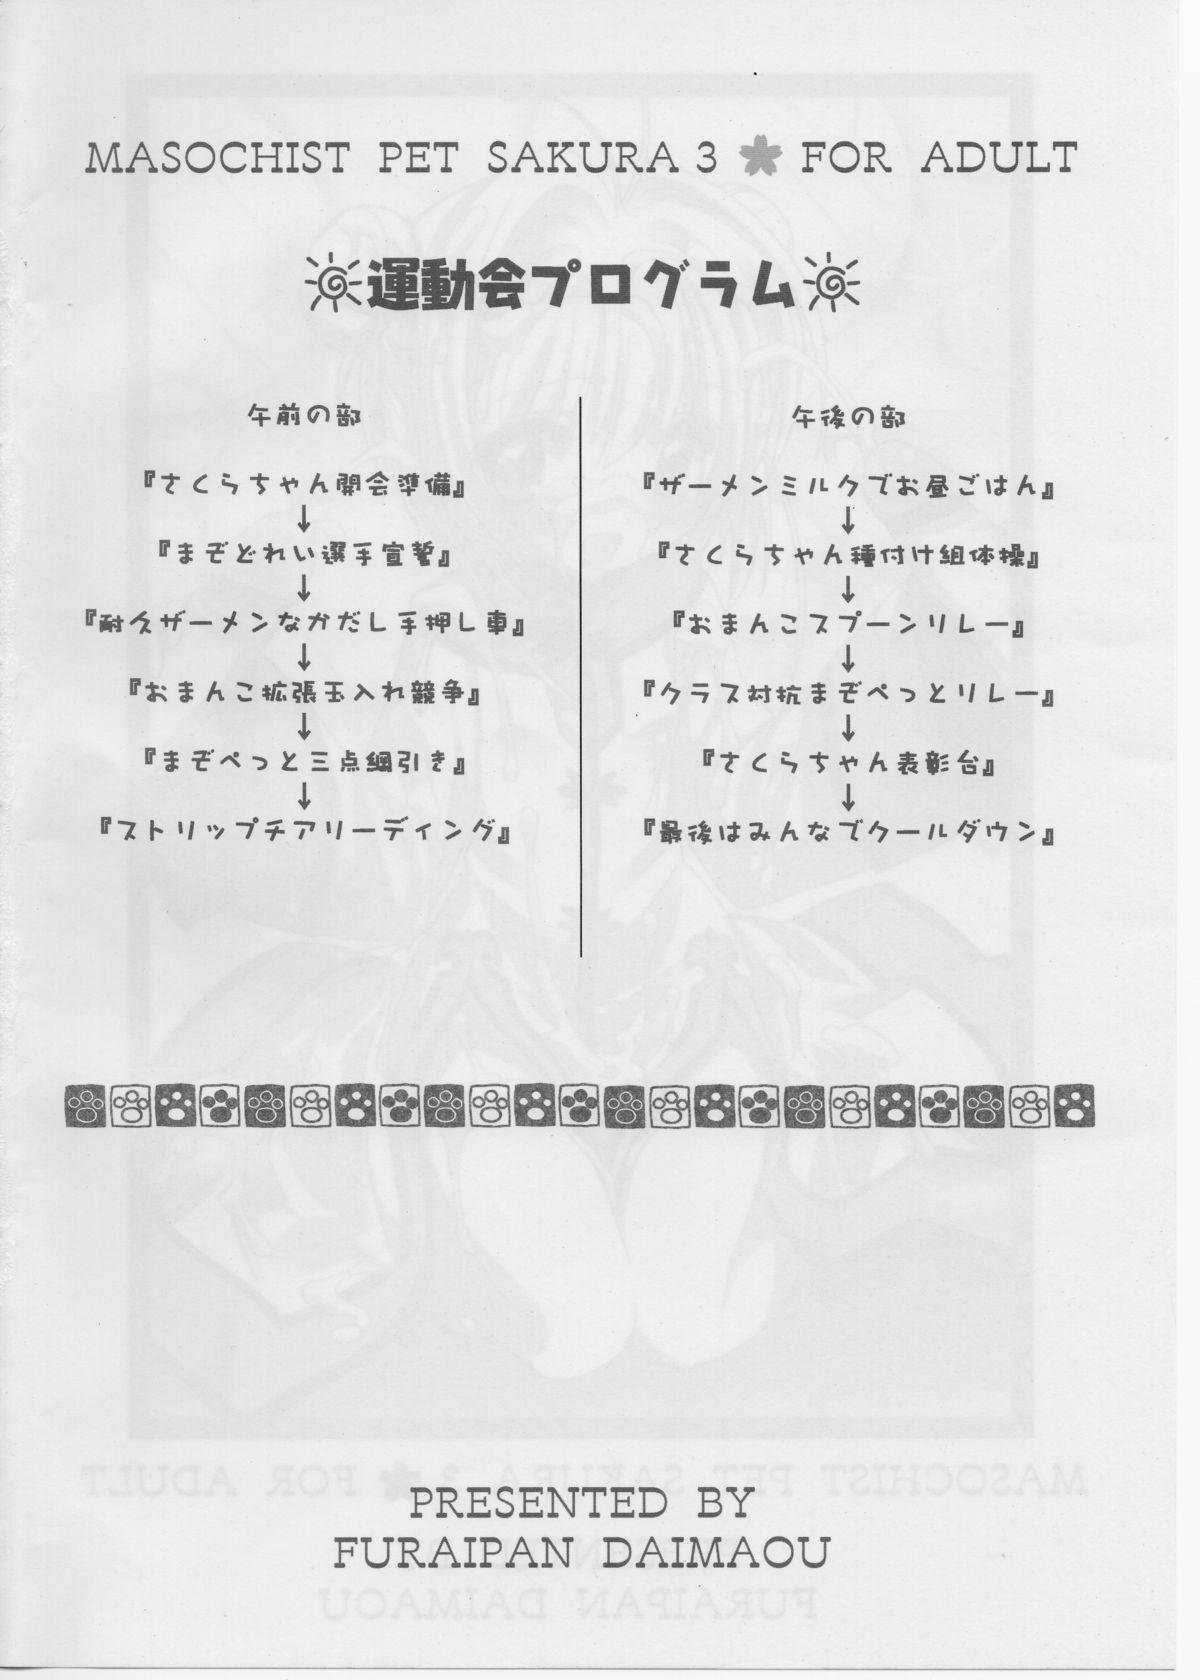 Masochist Pet Sakura 3 2